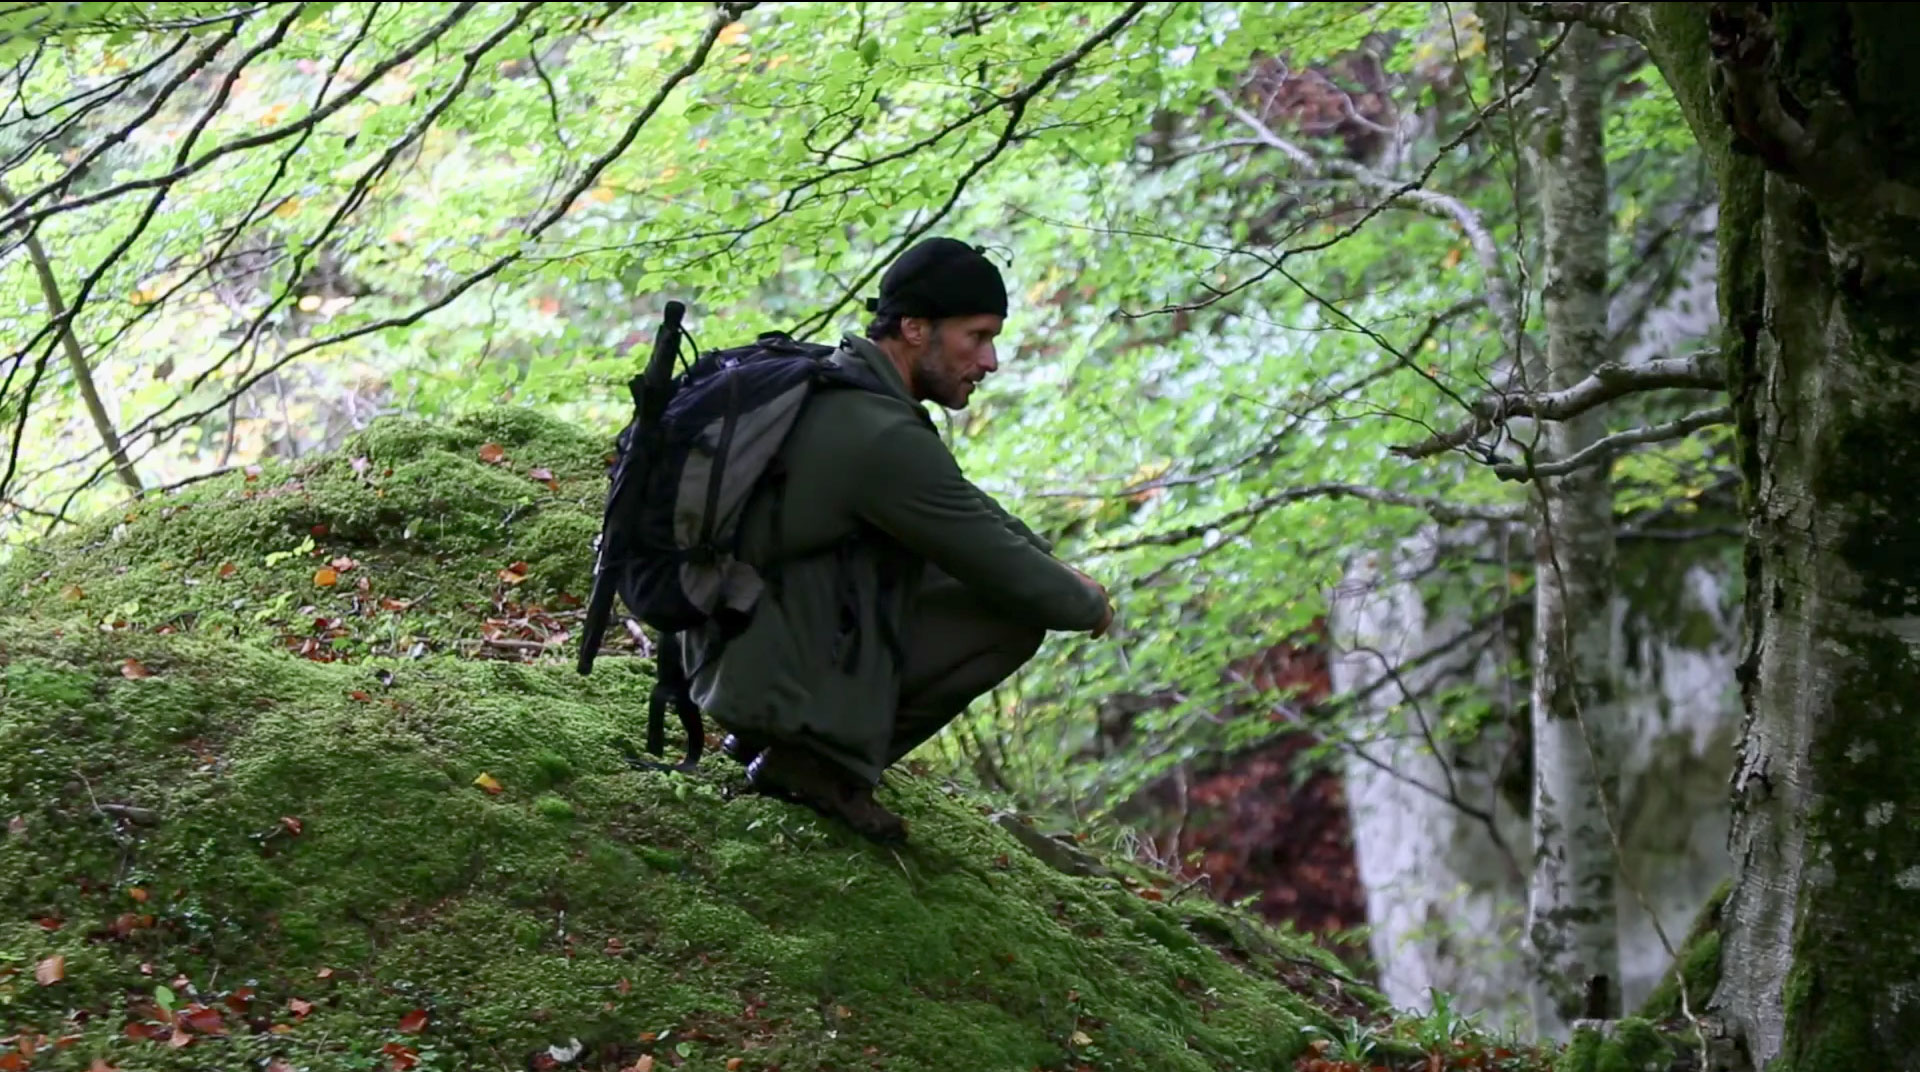 100 días de autosuficiencia en el corazón de la naturaleza